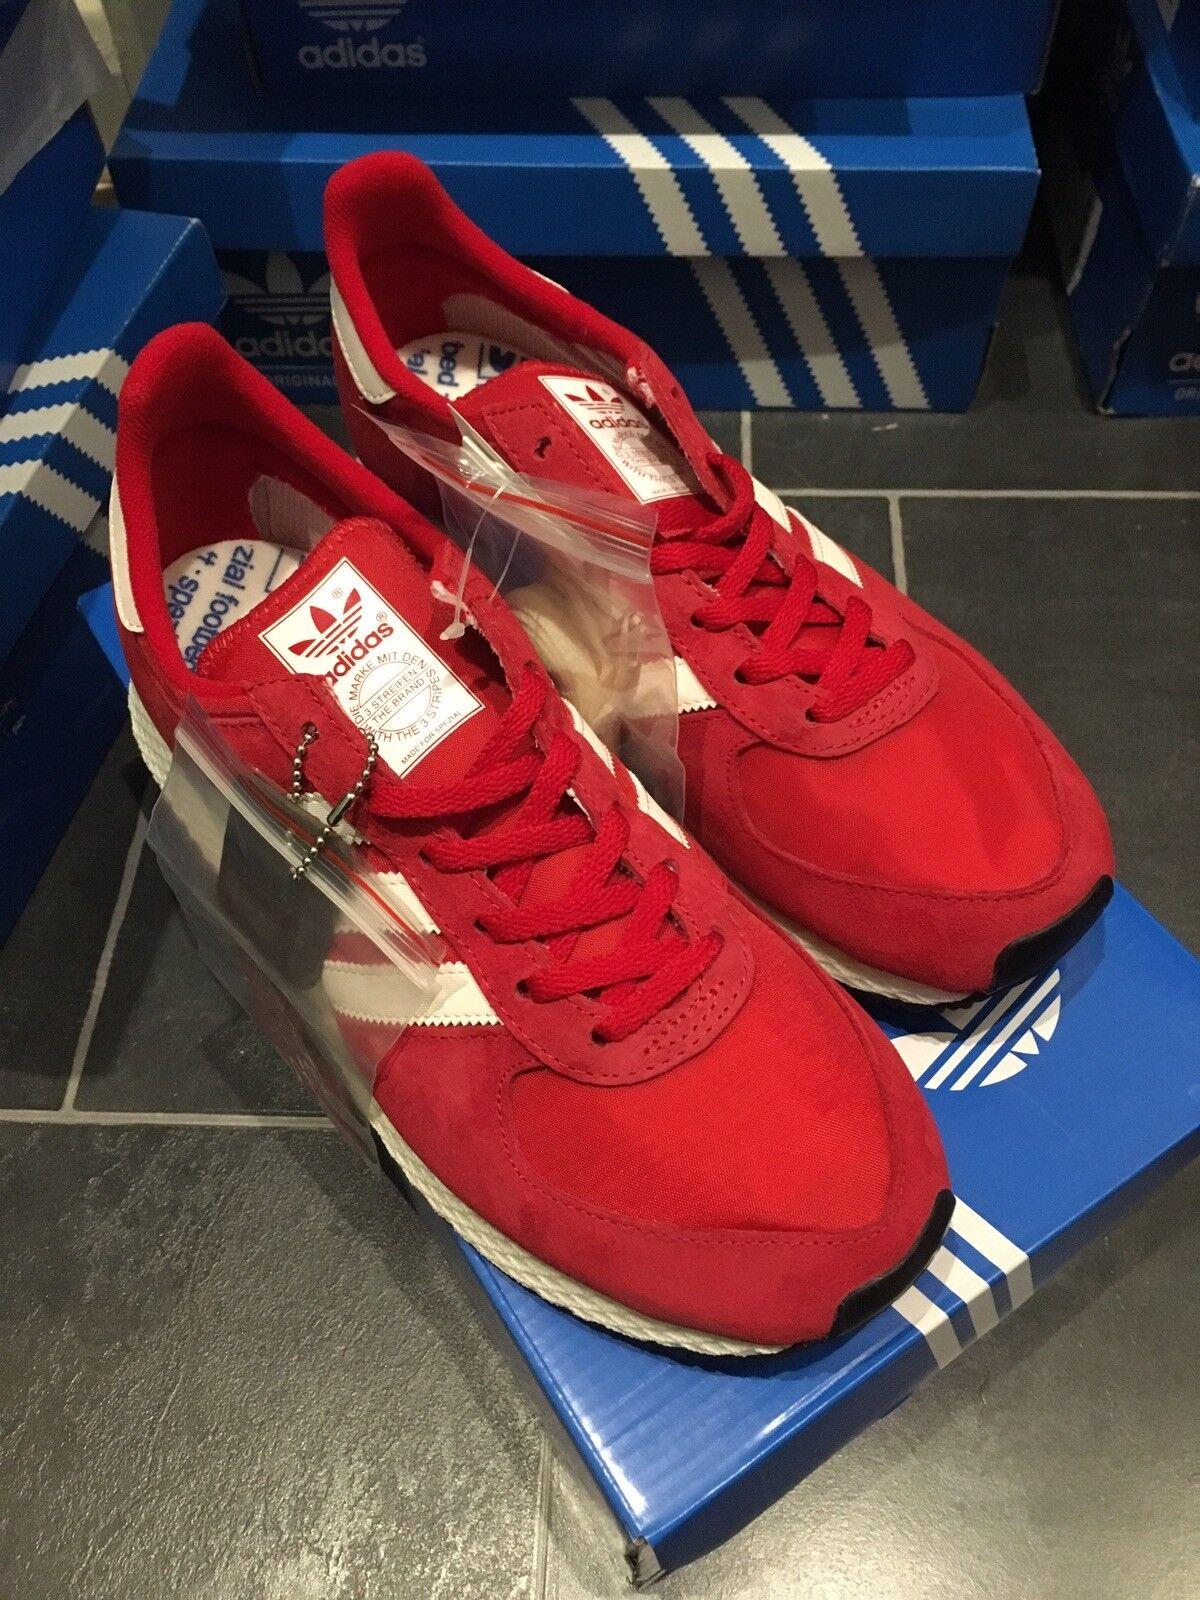 Adidas Atlanta SPZL Spezial Trainer 8 42 Deadstock OG Retro rot rot 80s Runner